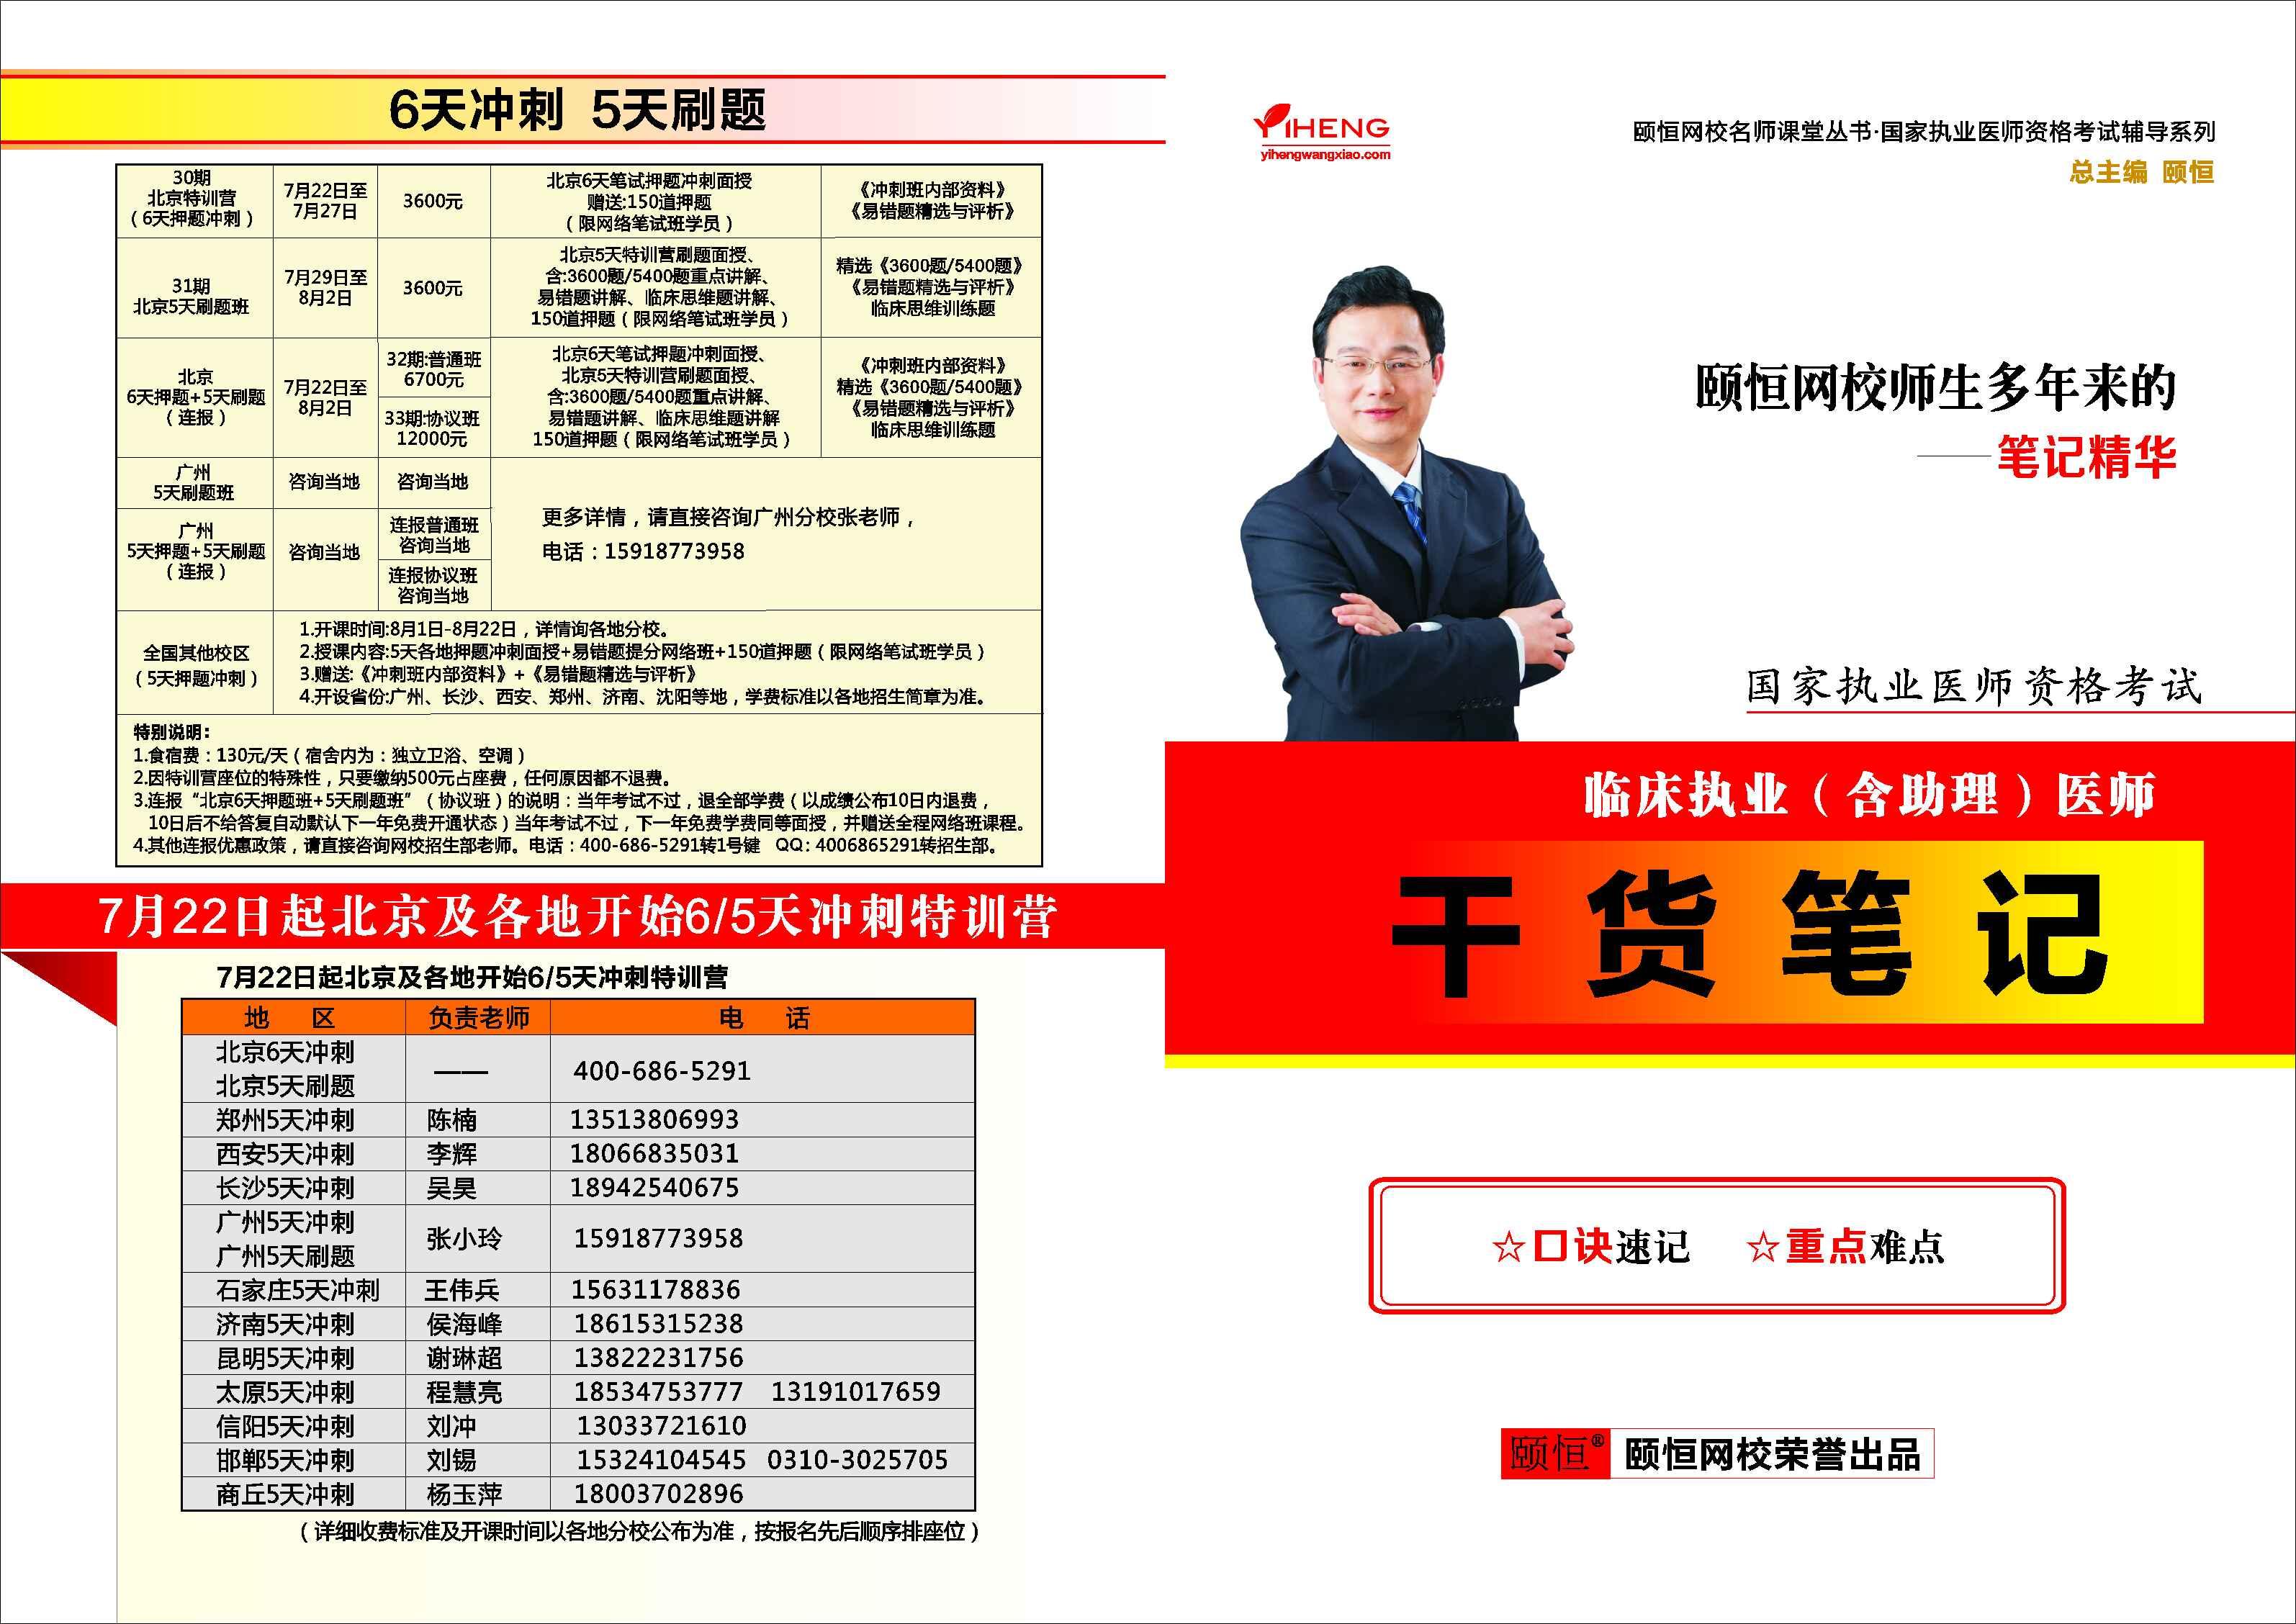 干货笔记(临床执业/助理通用)